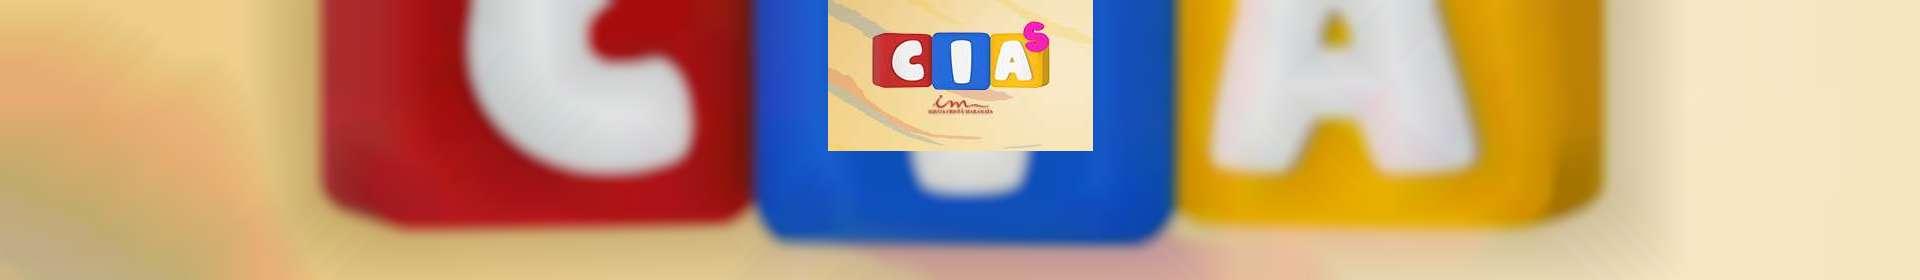 Aula de CIAS: classe de 3 a 7 anos - 28 de maio de 2020